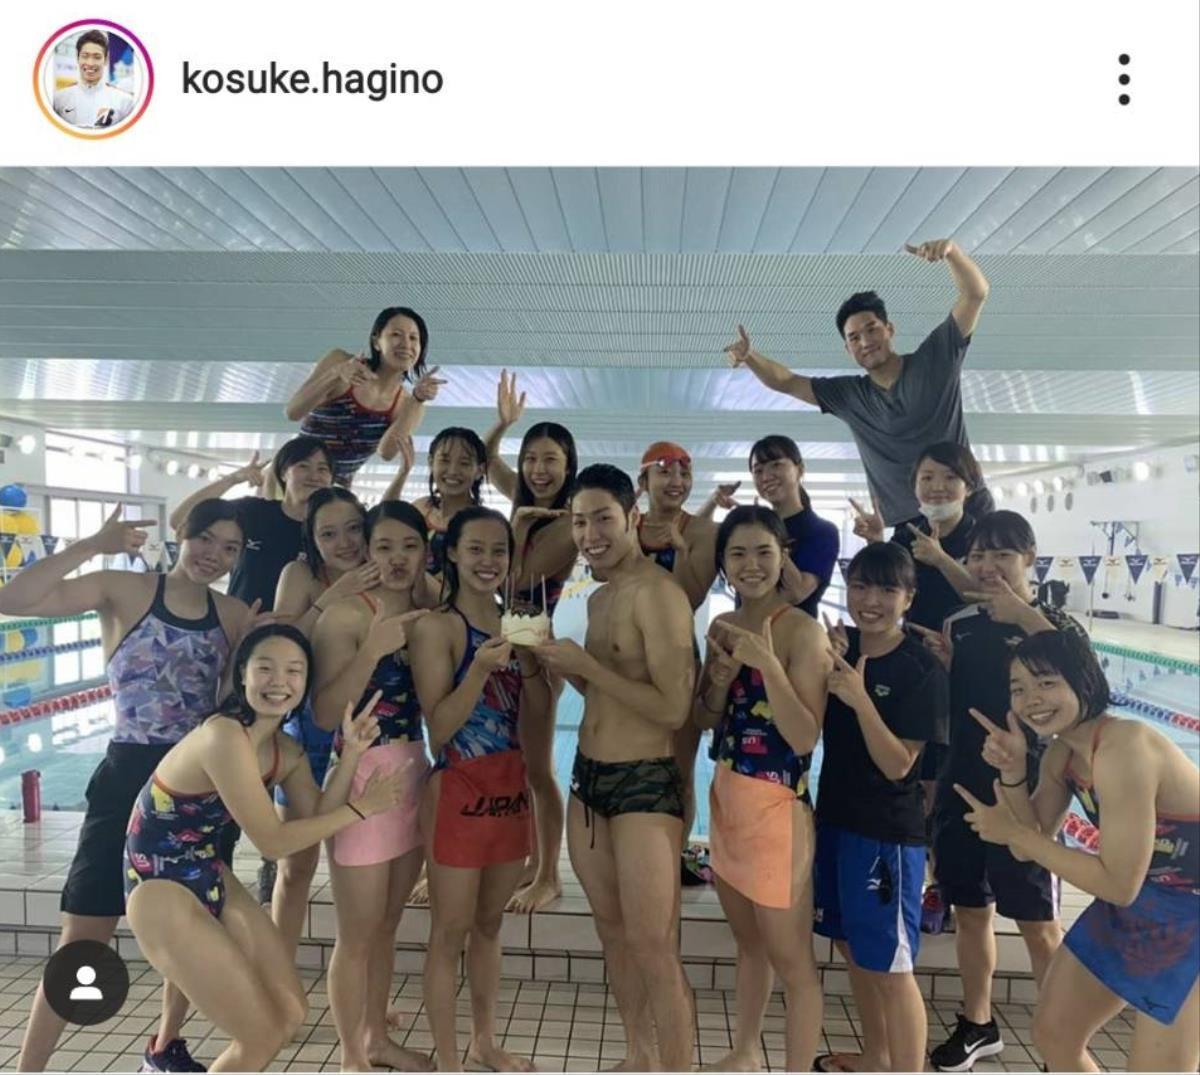 誕生日を祝われる競泳の萩野公介と今井月(インスタグラムより@kosuke.hagino